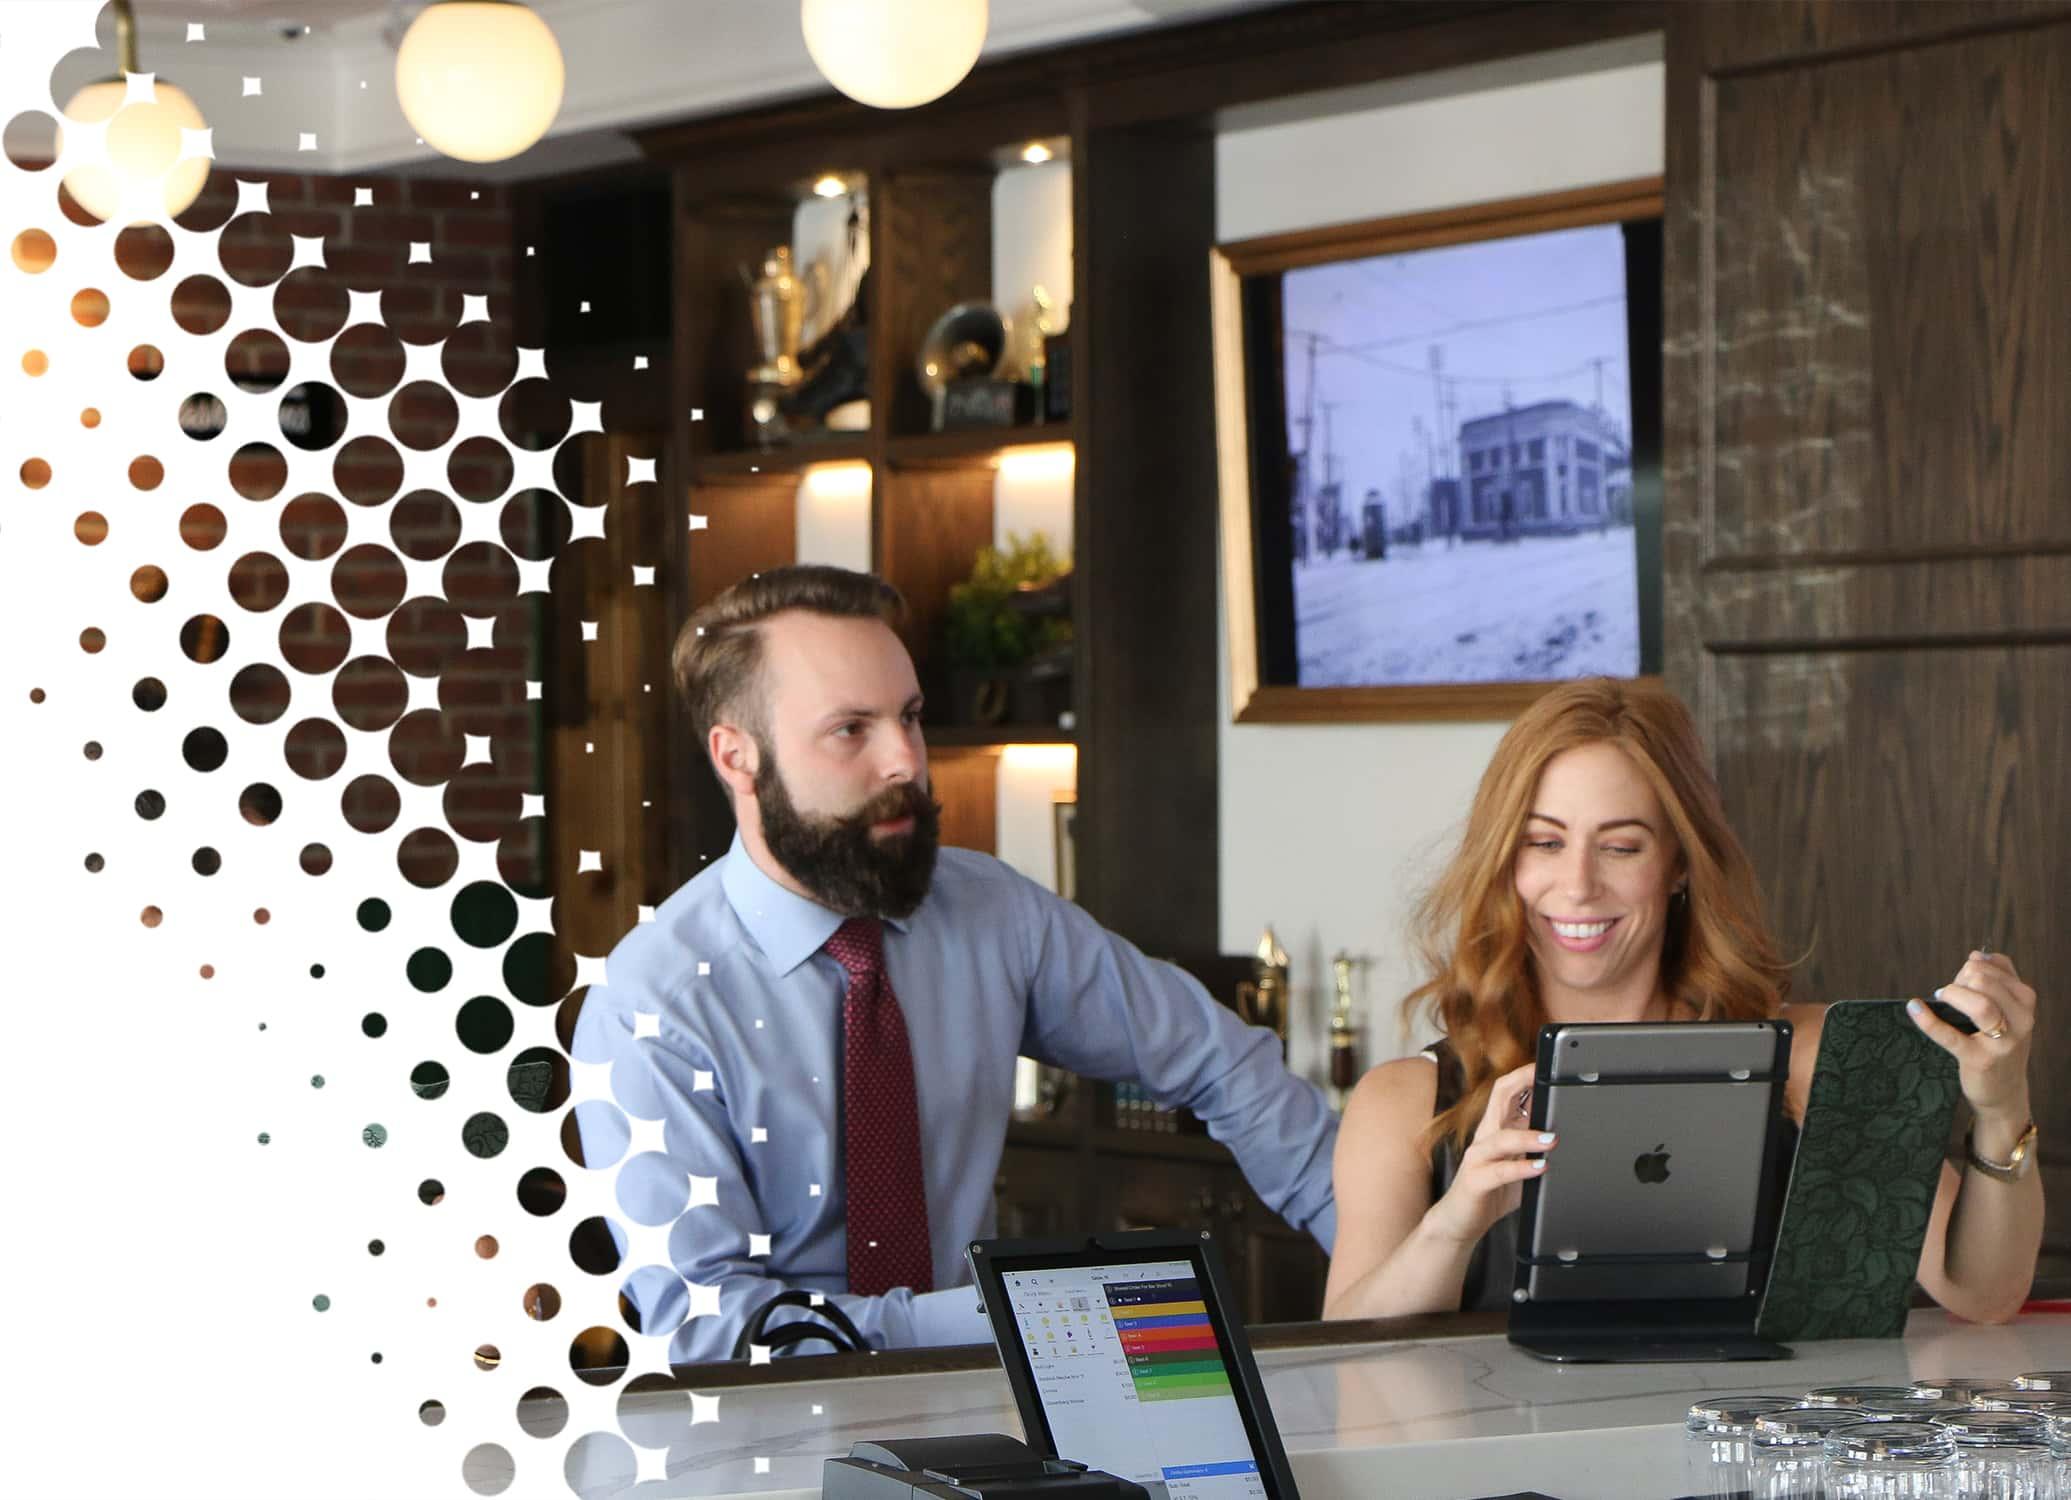 Restaurant employees at work